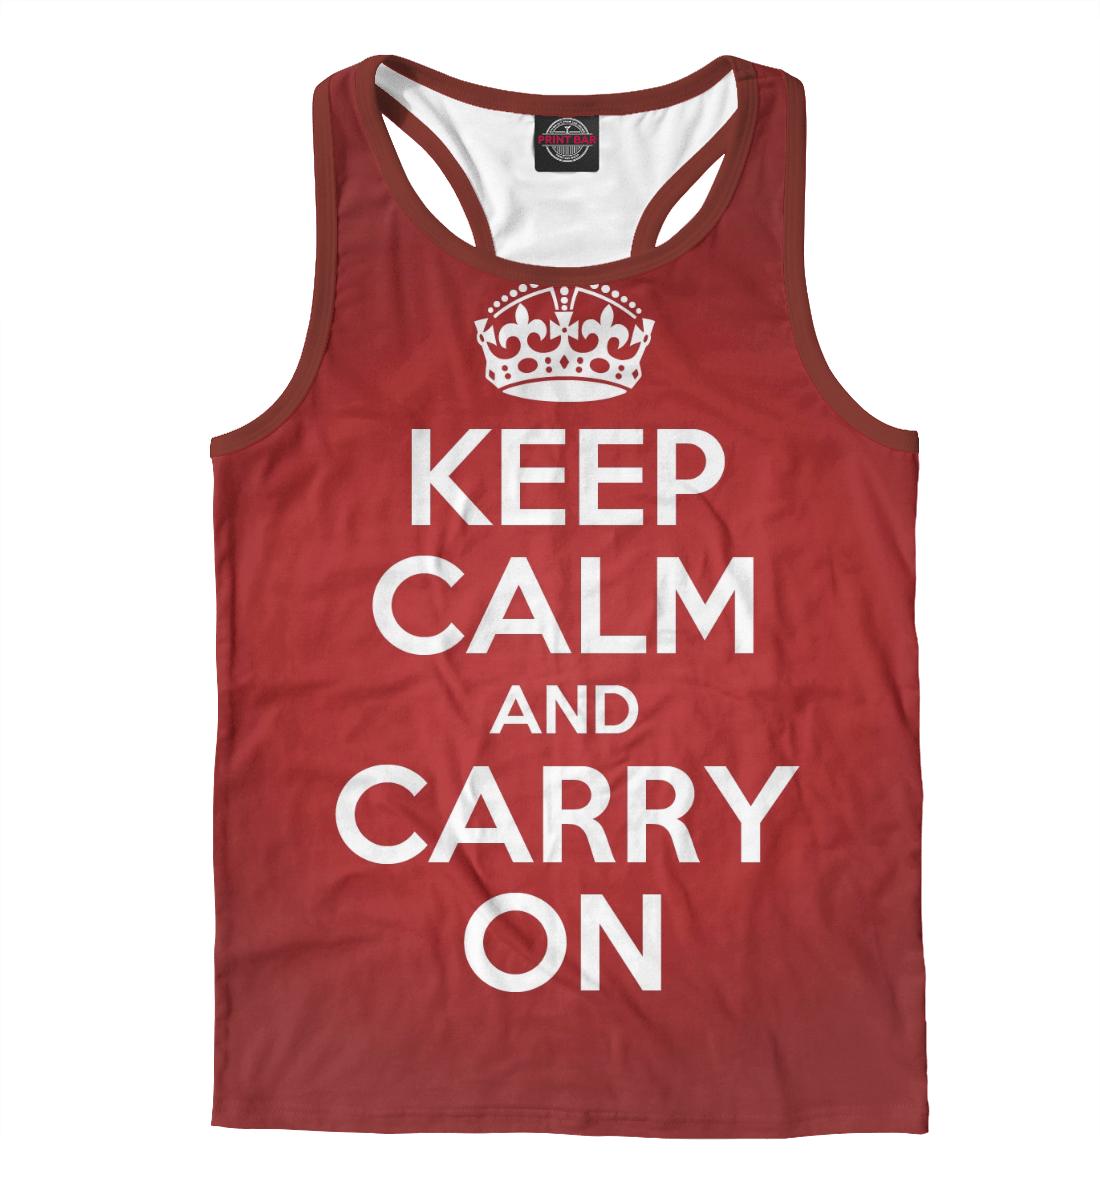 Keep calm and carry on недорого